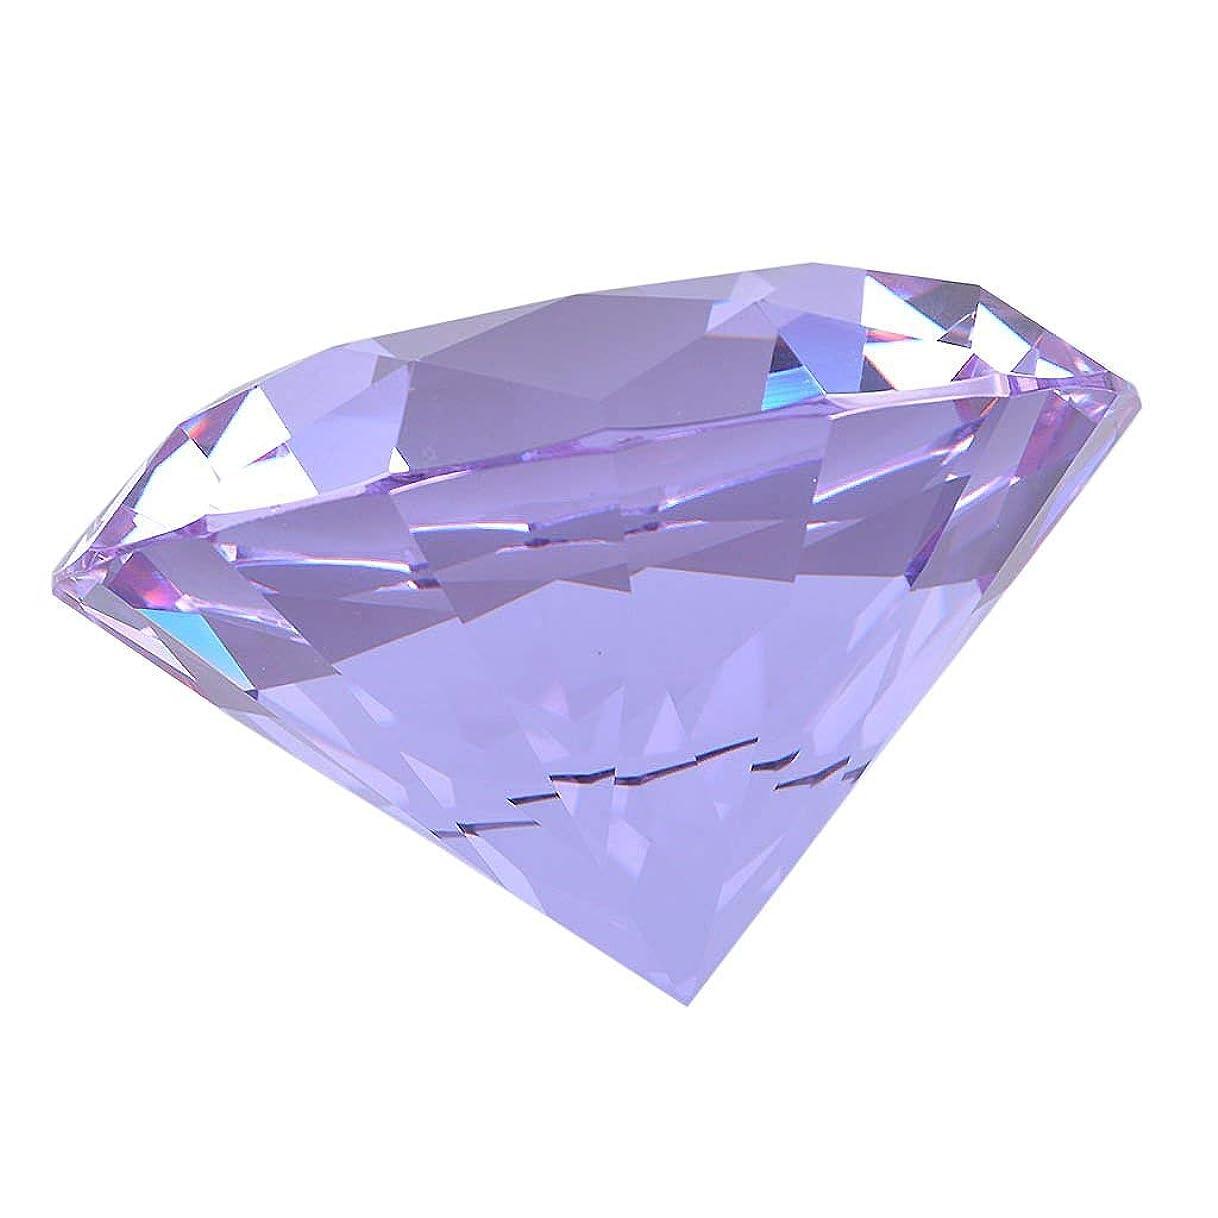 九時四十五分聖職者出撃者多色透明 水晶 ダイヤモンド 風水クリスタル ペーパーウェイト ガラス 文鎮 装飾品 工芸品 プレゼント 飾り 置物 (30mm,パープル)